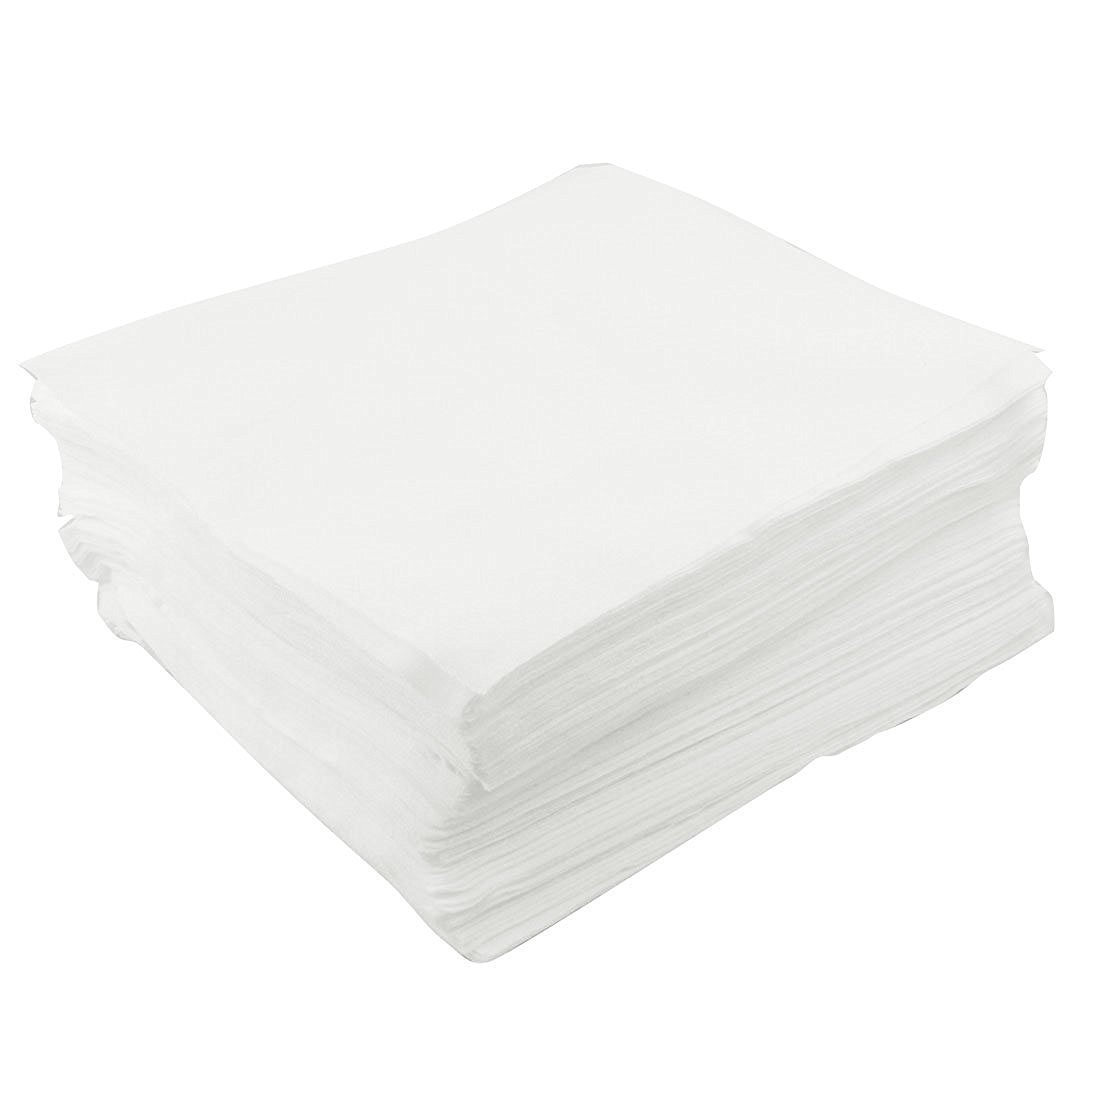 Toallitas sala blanca 100% poliéster de punto doble de tela del cabezal de impresión plotter solvente Uv 150Pcs: Amazon.es: Electrónica